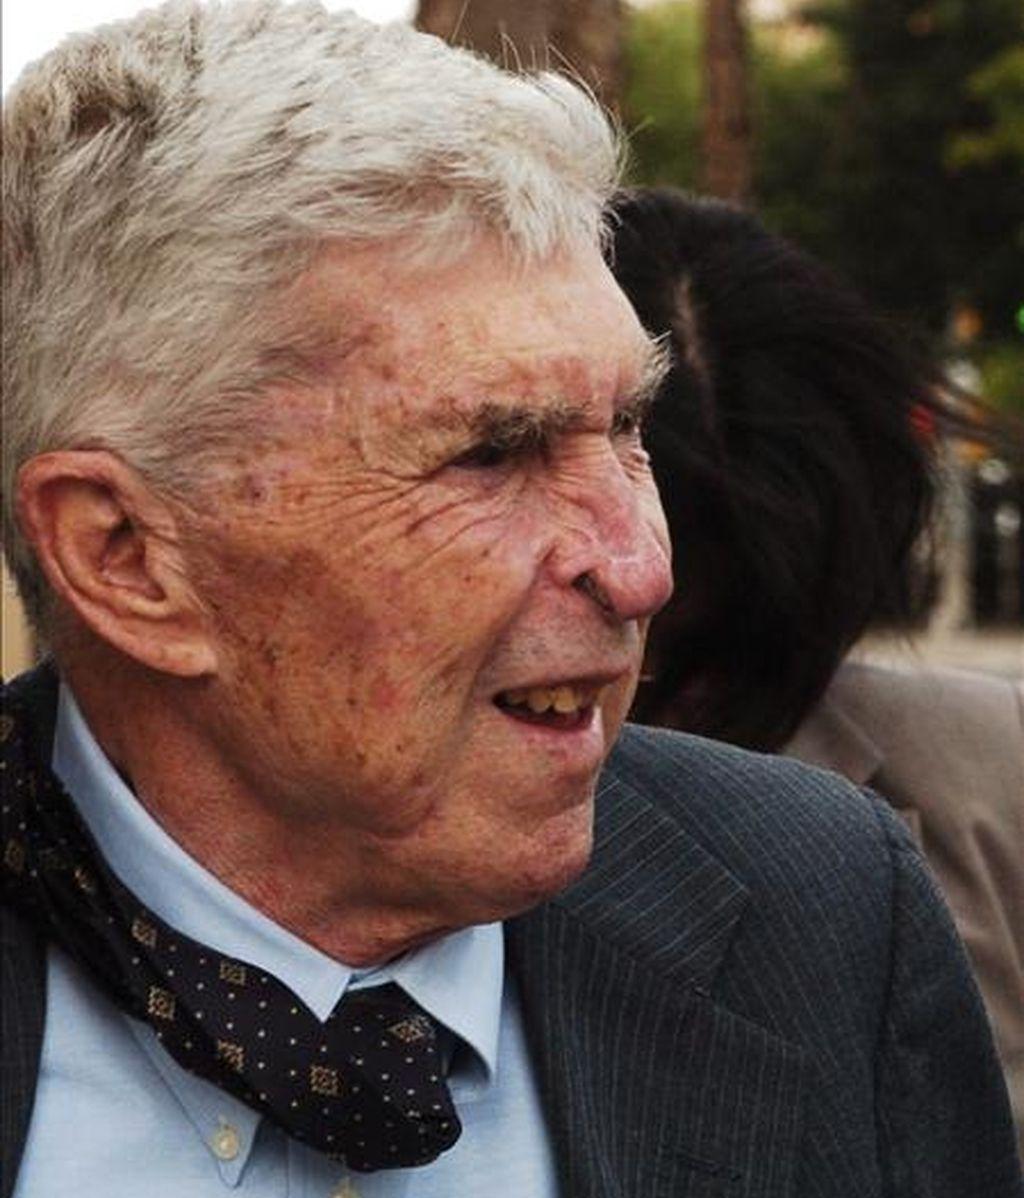 Foto del 8 de mayo de 2007 del anticastrista Luis Posada Carriles saliendo de una audiencia de la Corte Federal de El Paso. EFE/Archivo